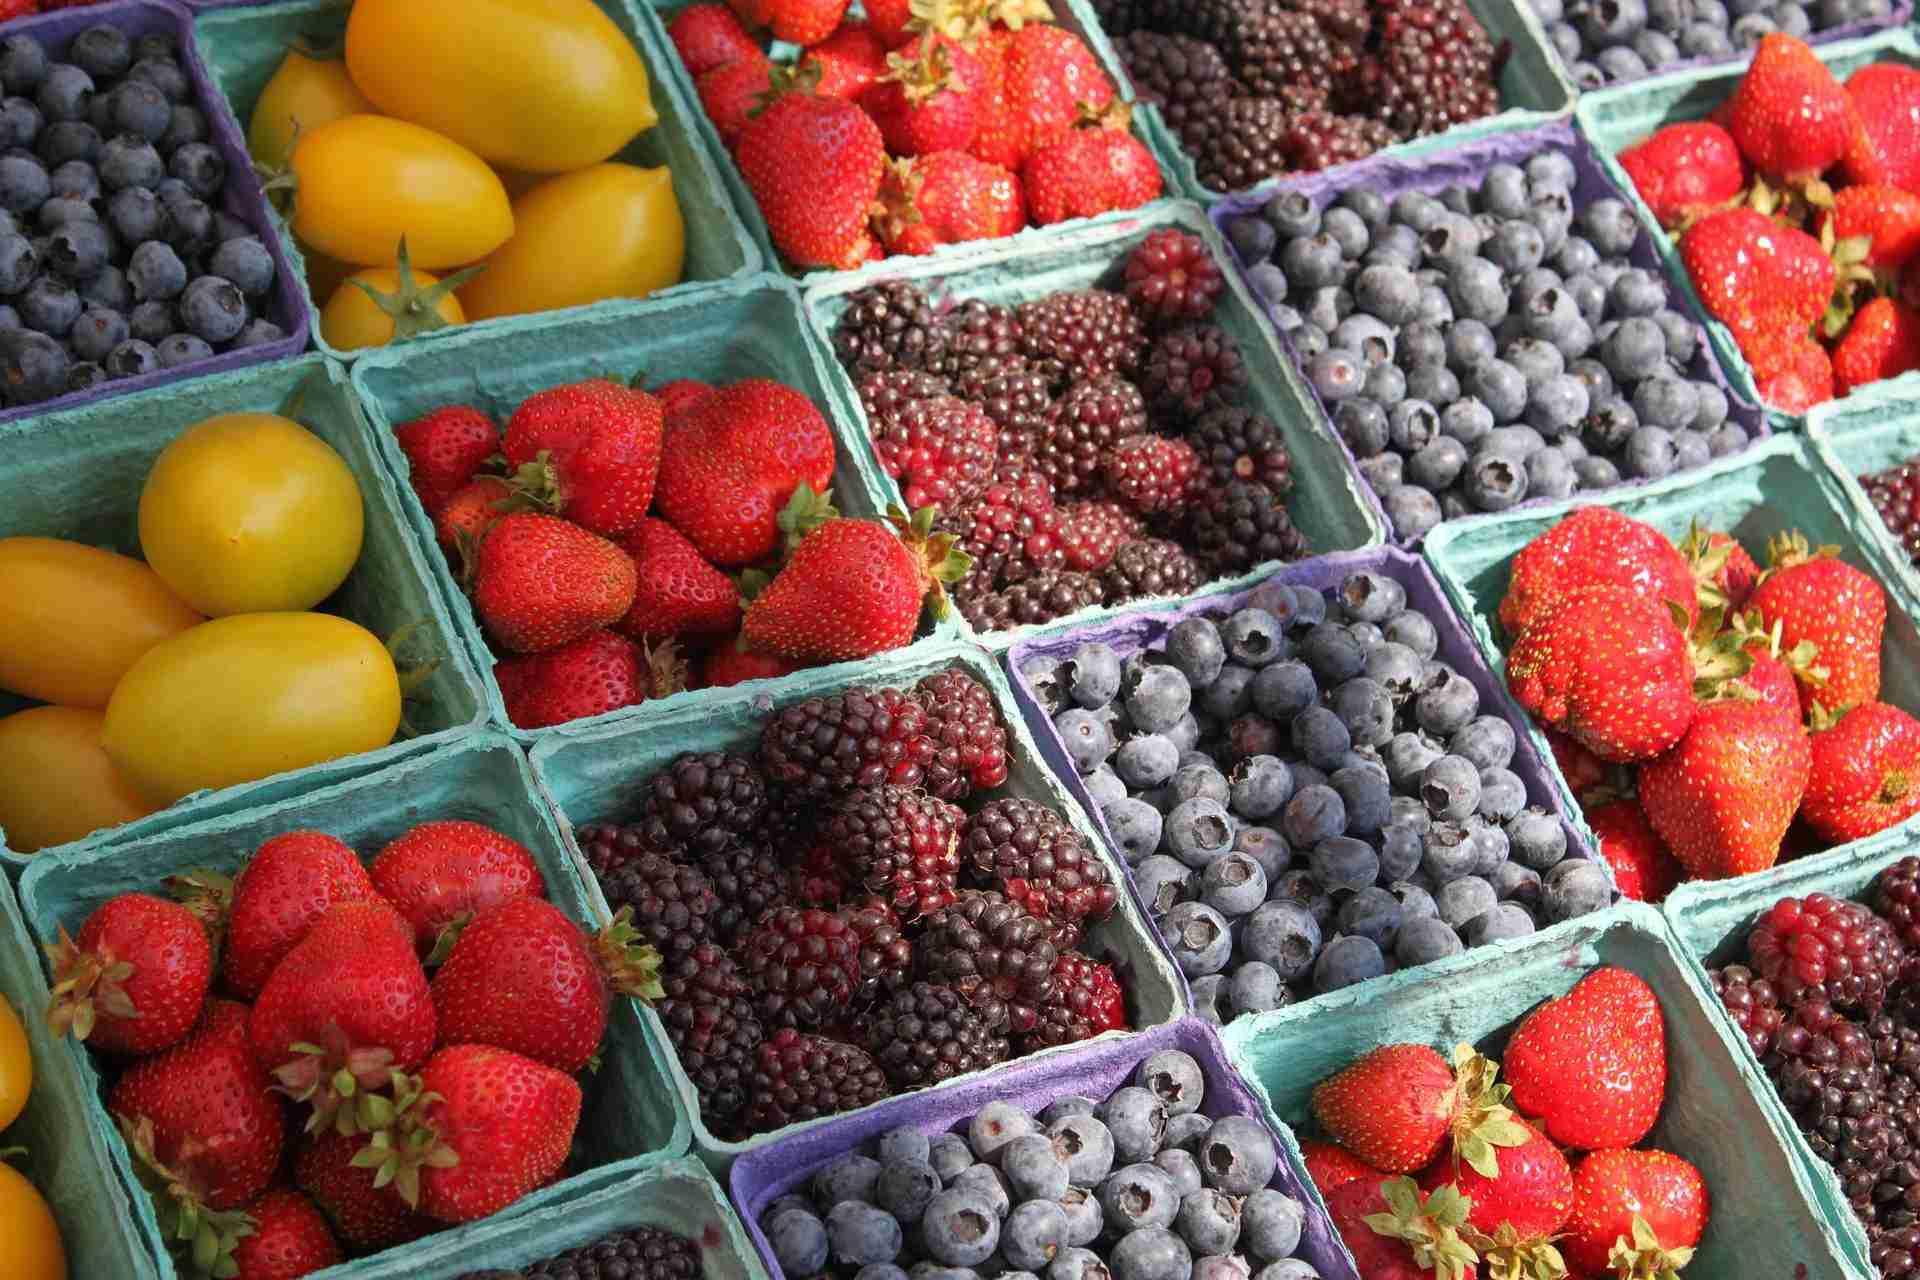 farmers' market fruit stand kelowna